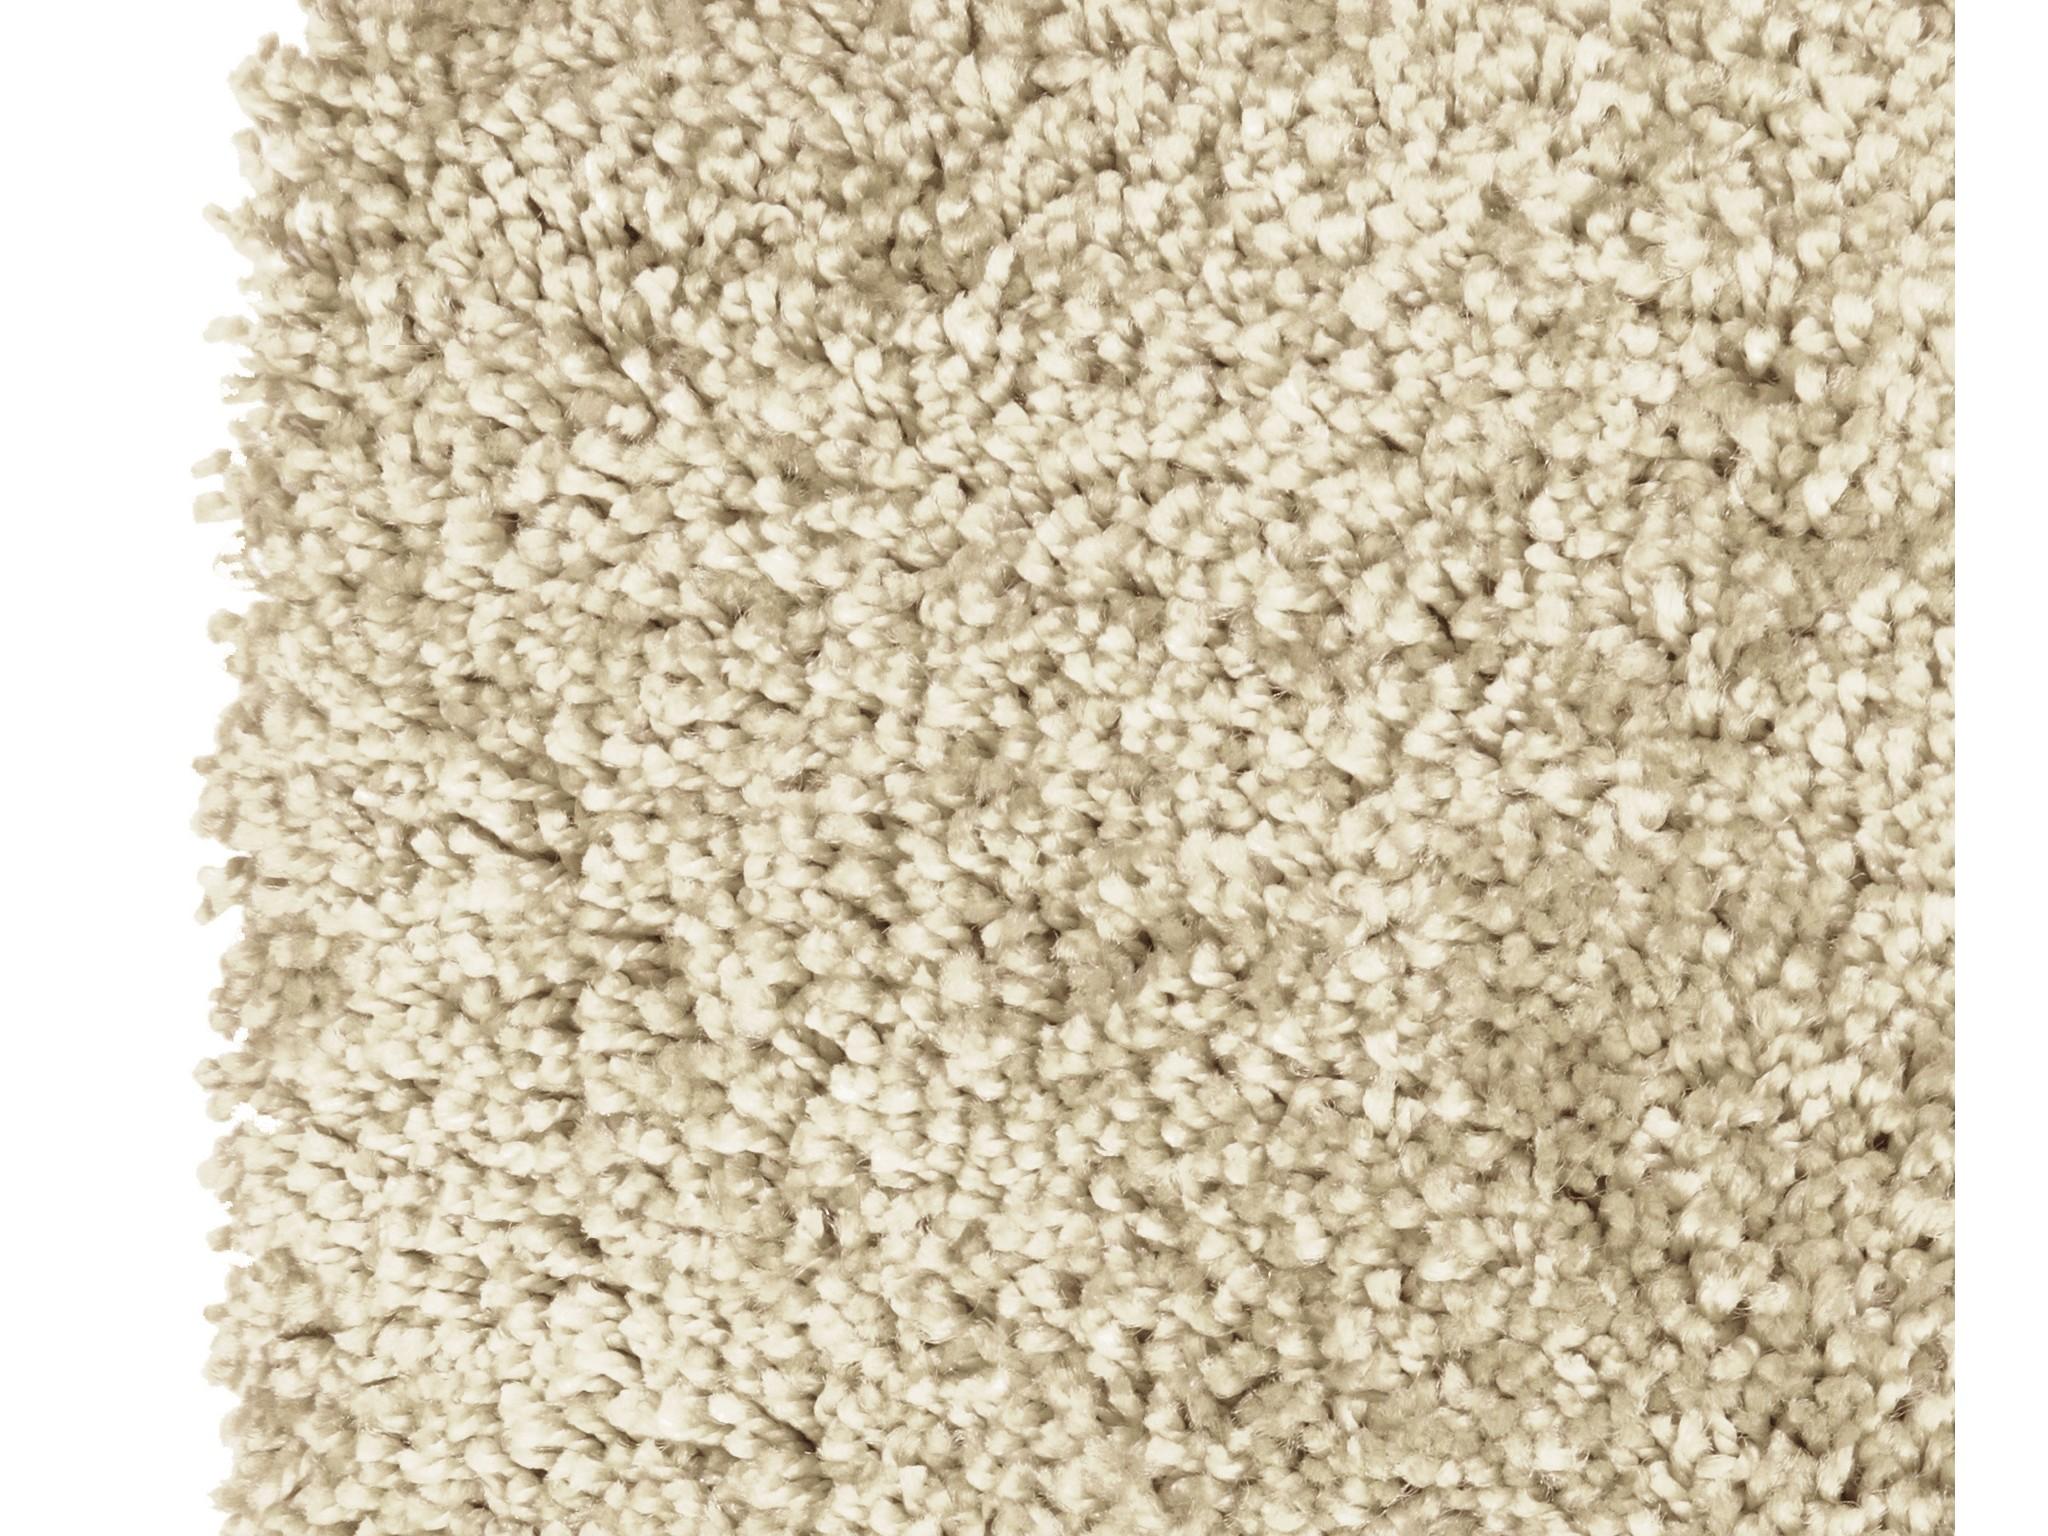 Ковер Velour 200х140Прямоугольные ковры<br>Материал: 100% Полипропилен.<br><br>Material: Текстиль<br>Ширина см: 200<br>Глубина см: 140